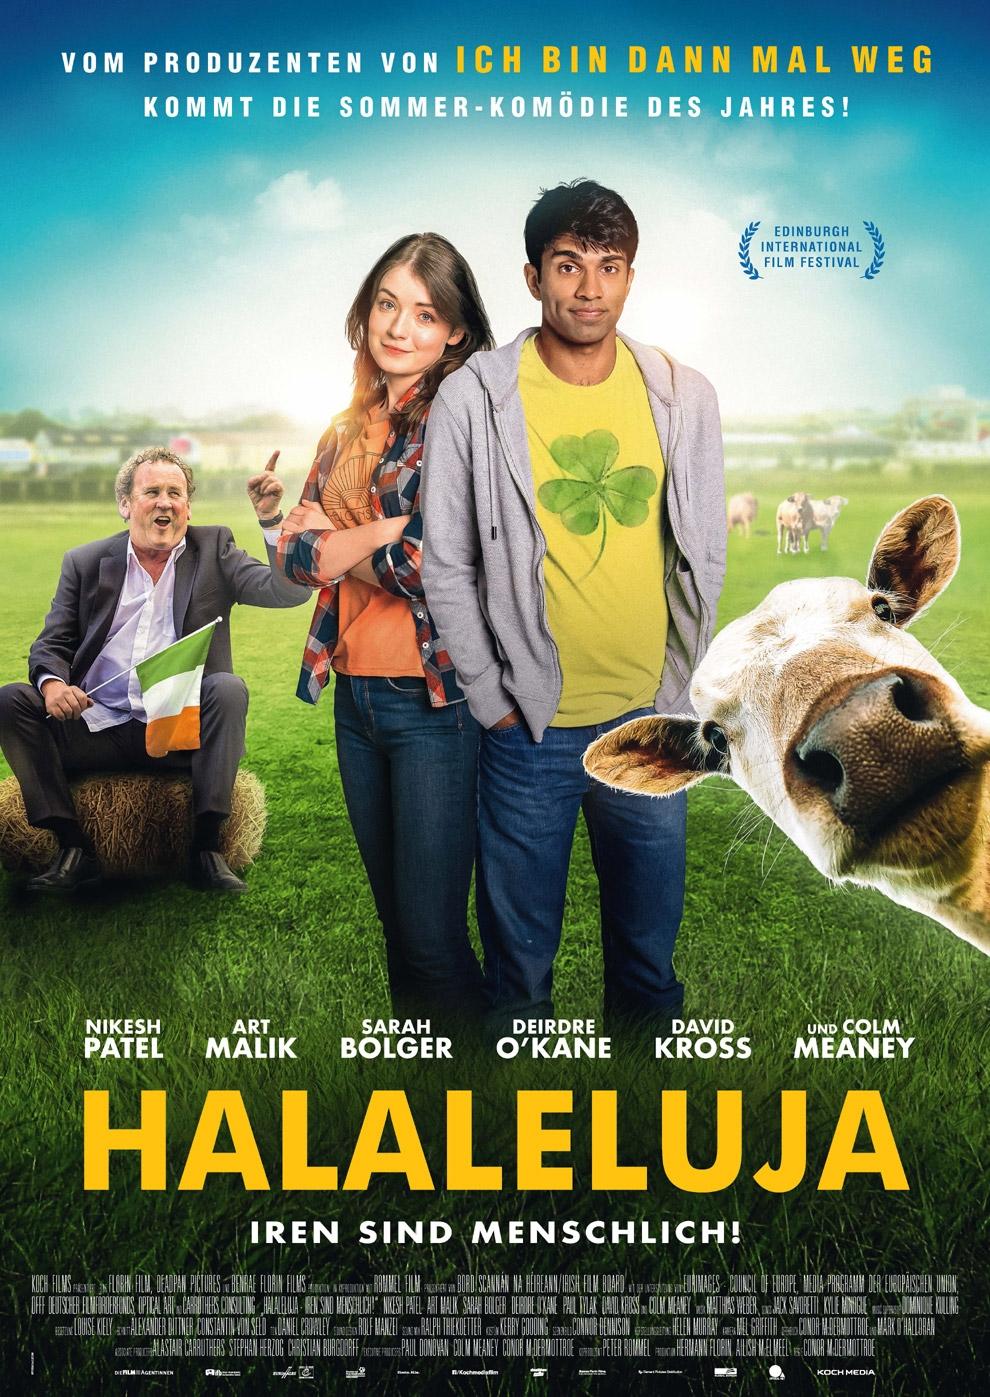 Halaleluja - Iren sind menschlich! (Poster)